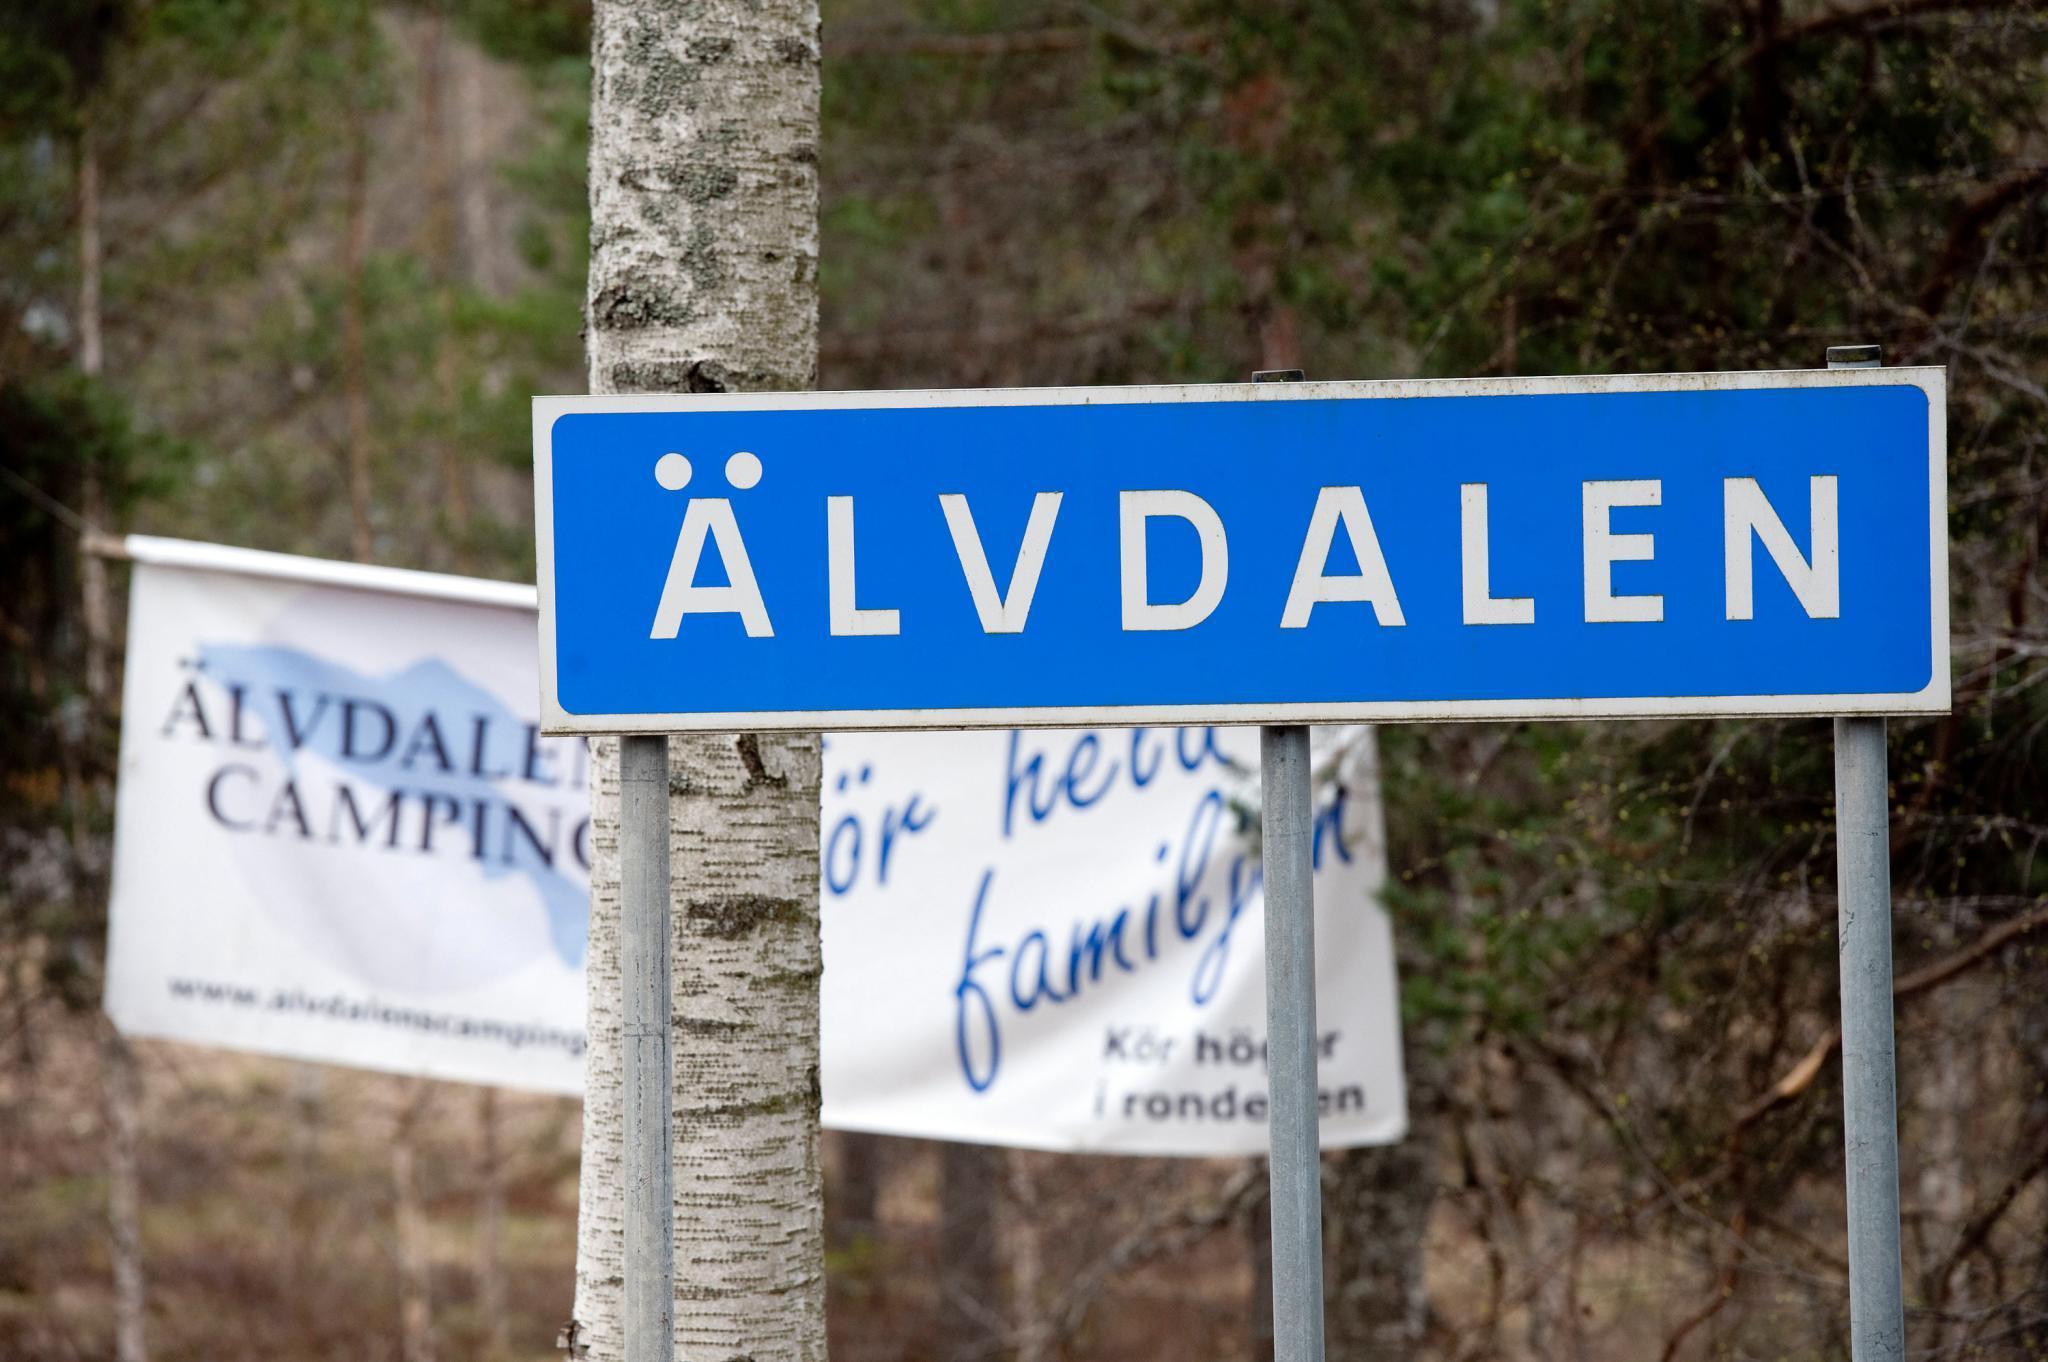 Das Örtchen Älvdalen liegt rund fünf Autostunden nordwestlich von Stockholm entfernt. Es hat nicht einmal 2000 Einwohner.